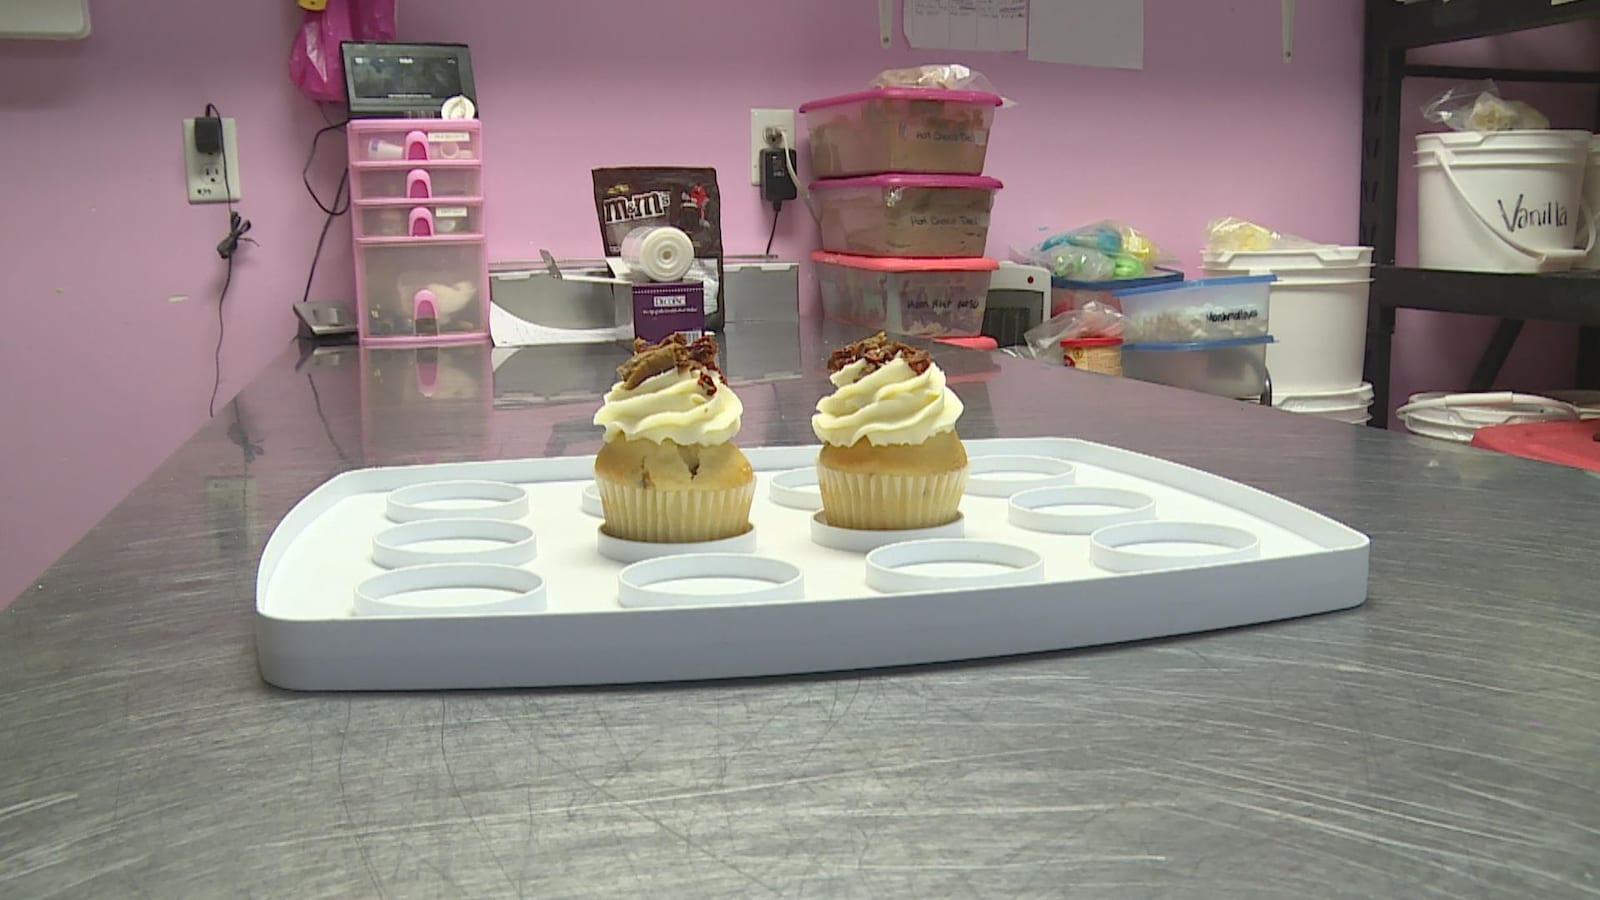 Les cupcakes au donair de la pâtisserie Susies' Cupcake à Halifax.